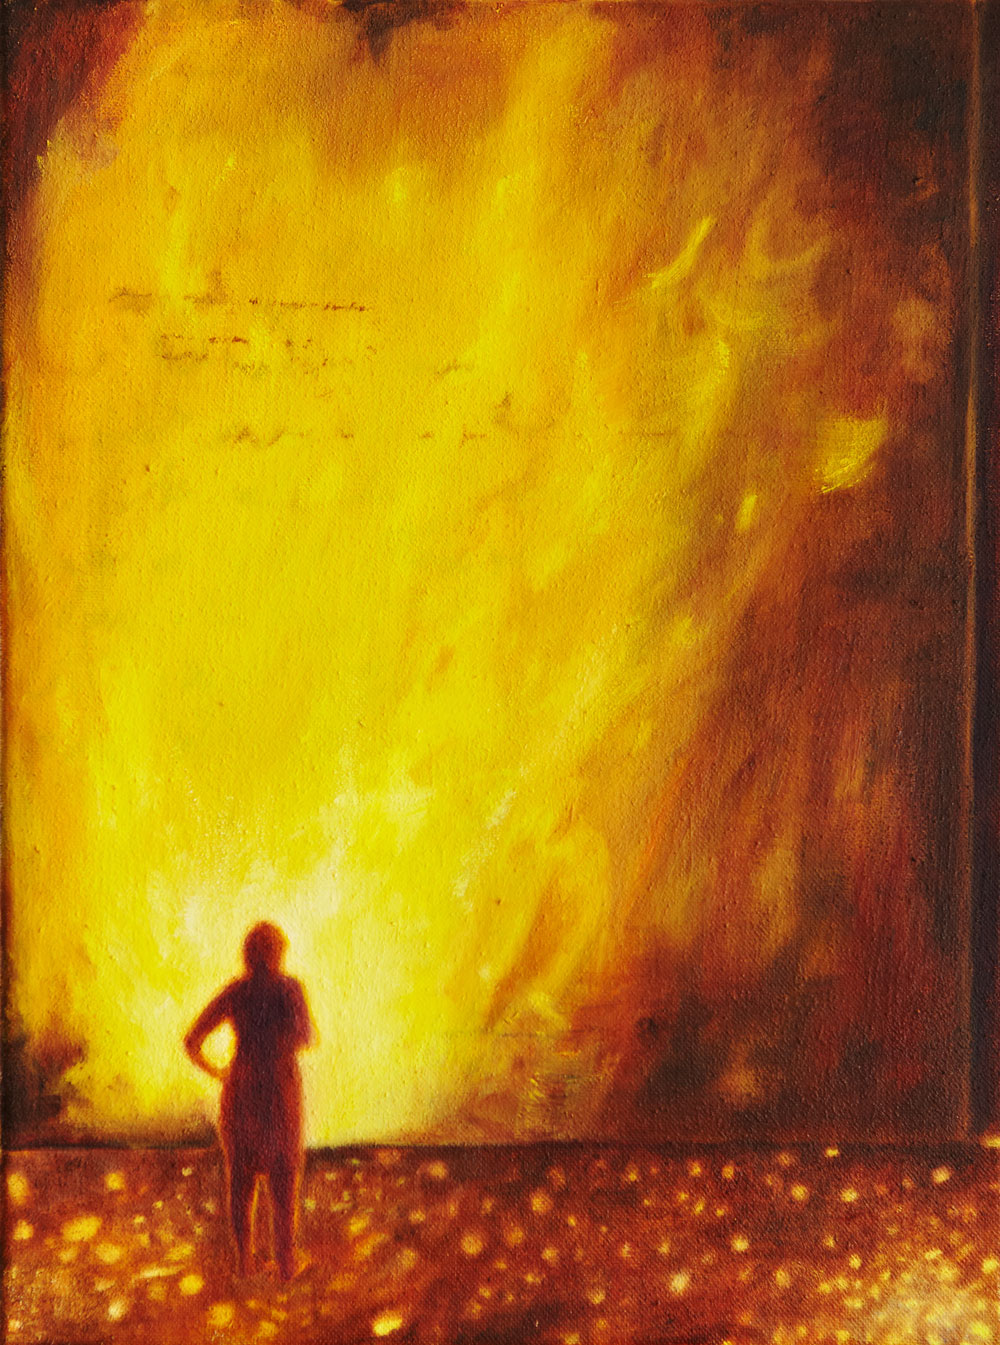 vor einer glühend gelben Wand wie aus Feuer steht eine weibliche Figur mit dem Rücken zu dem Betrachter, der Boden zu ihren Füßen scheint wie Lava zu schmelzen